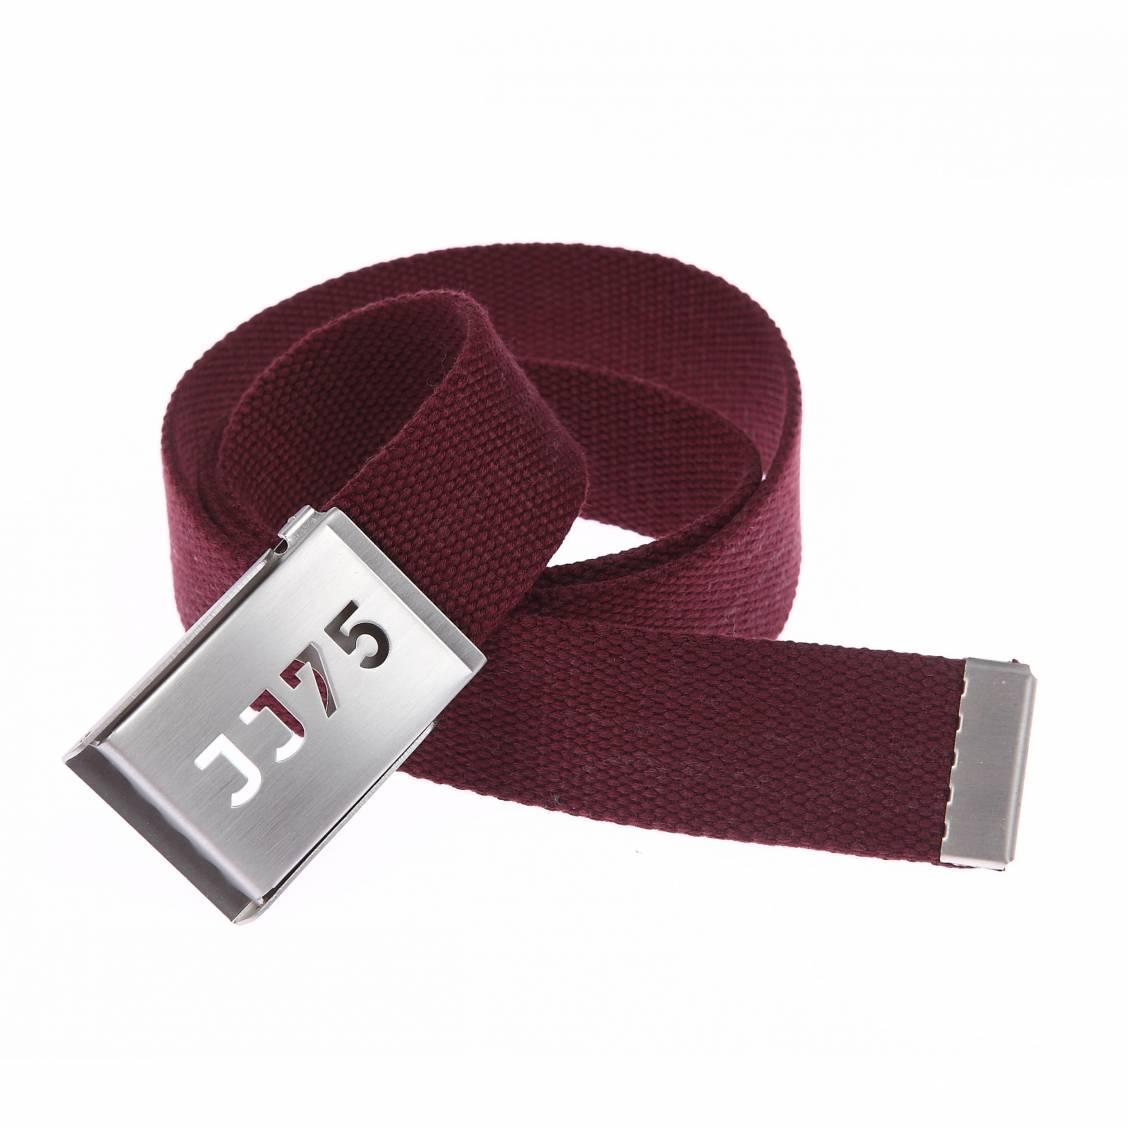 ceinture tissu,ceinture tissu replay kaki homme a4075c54bcf